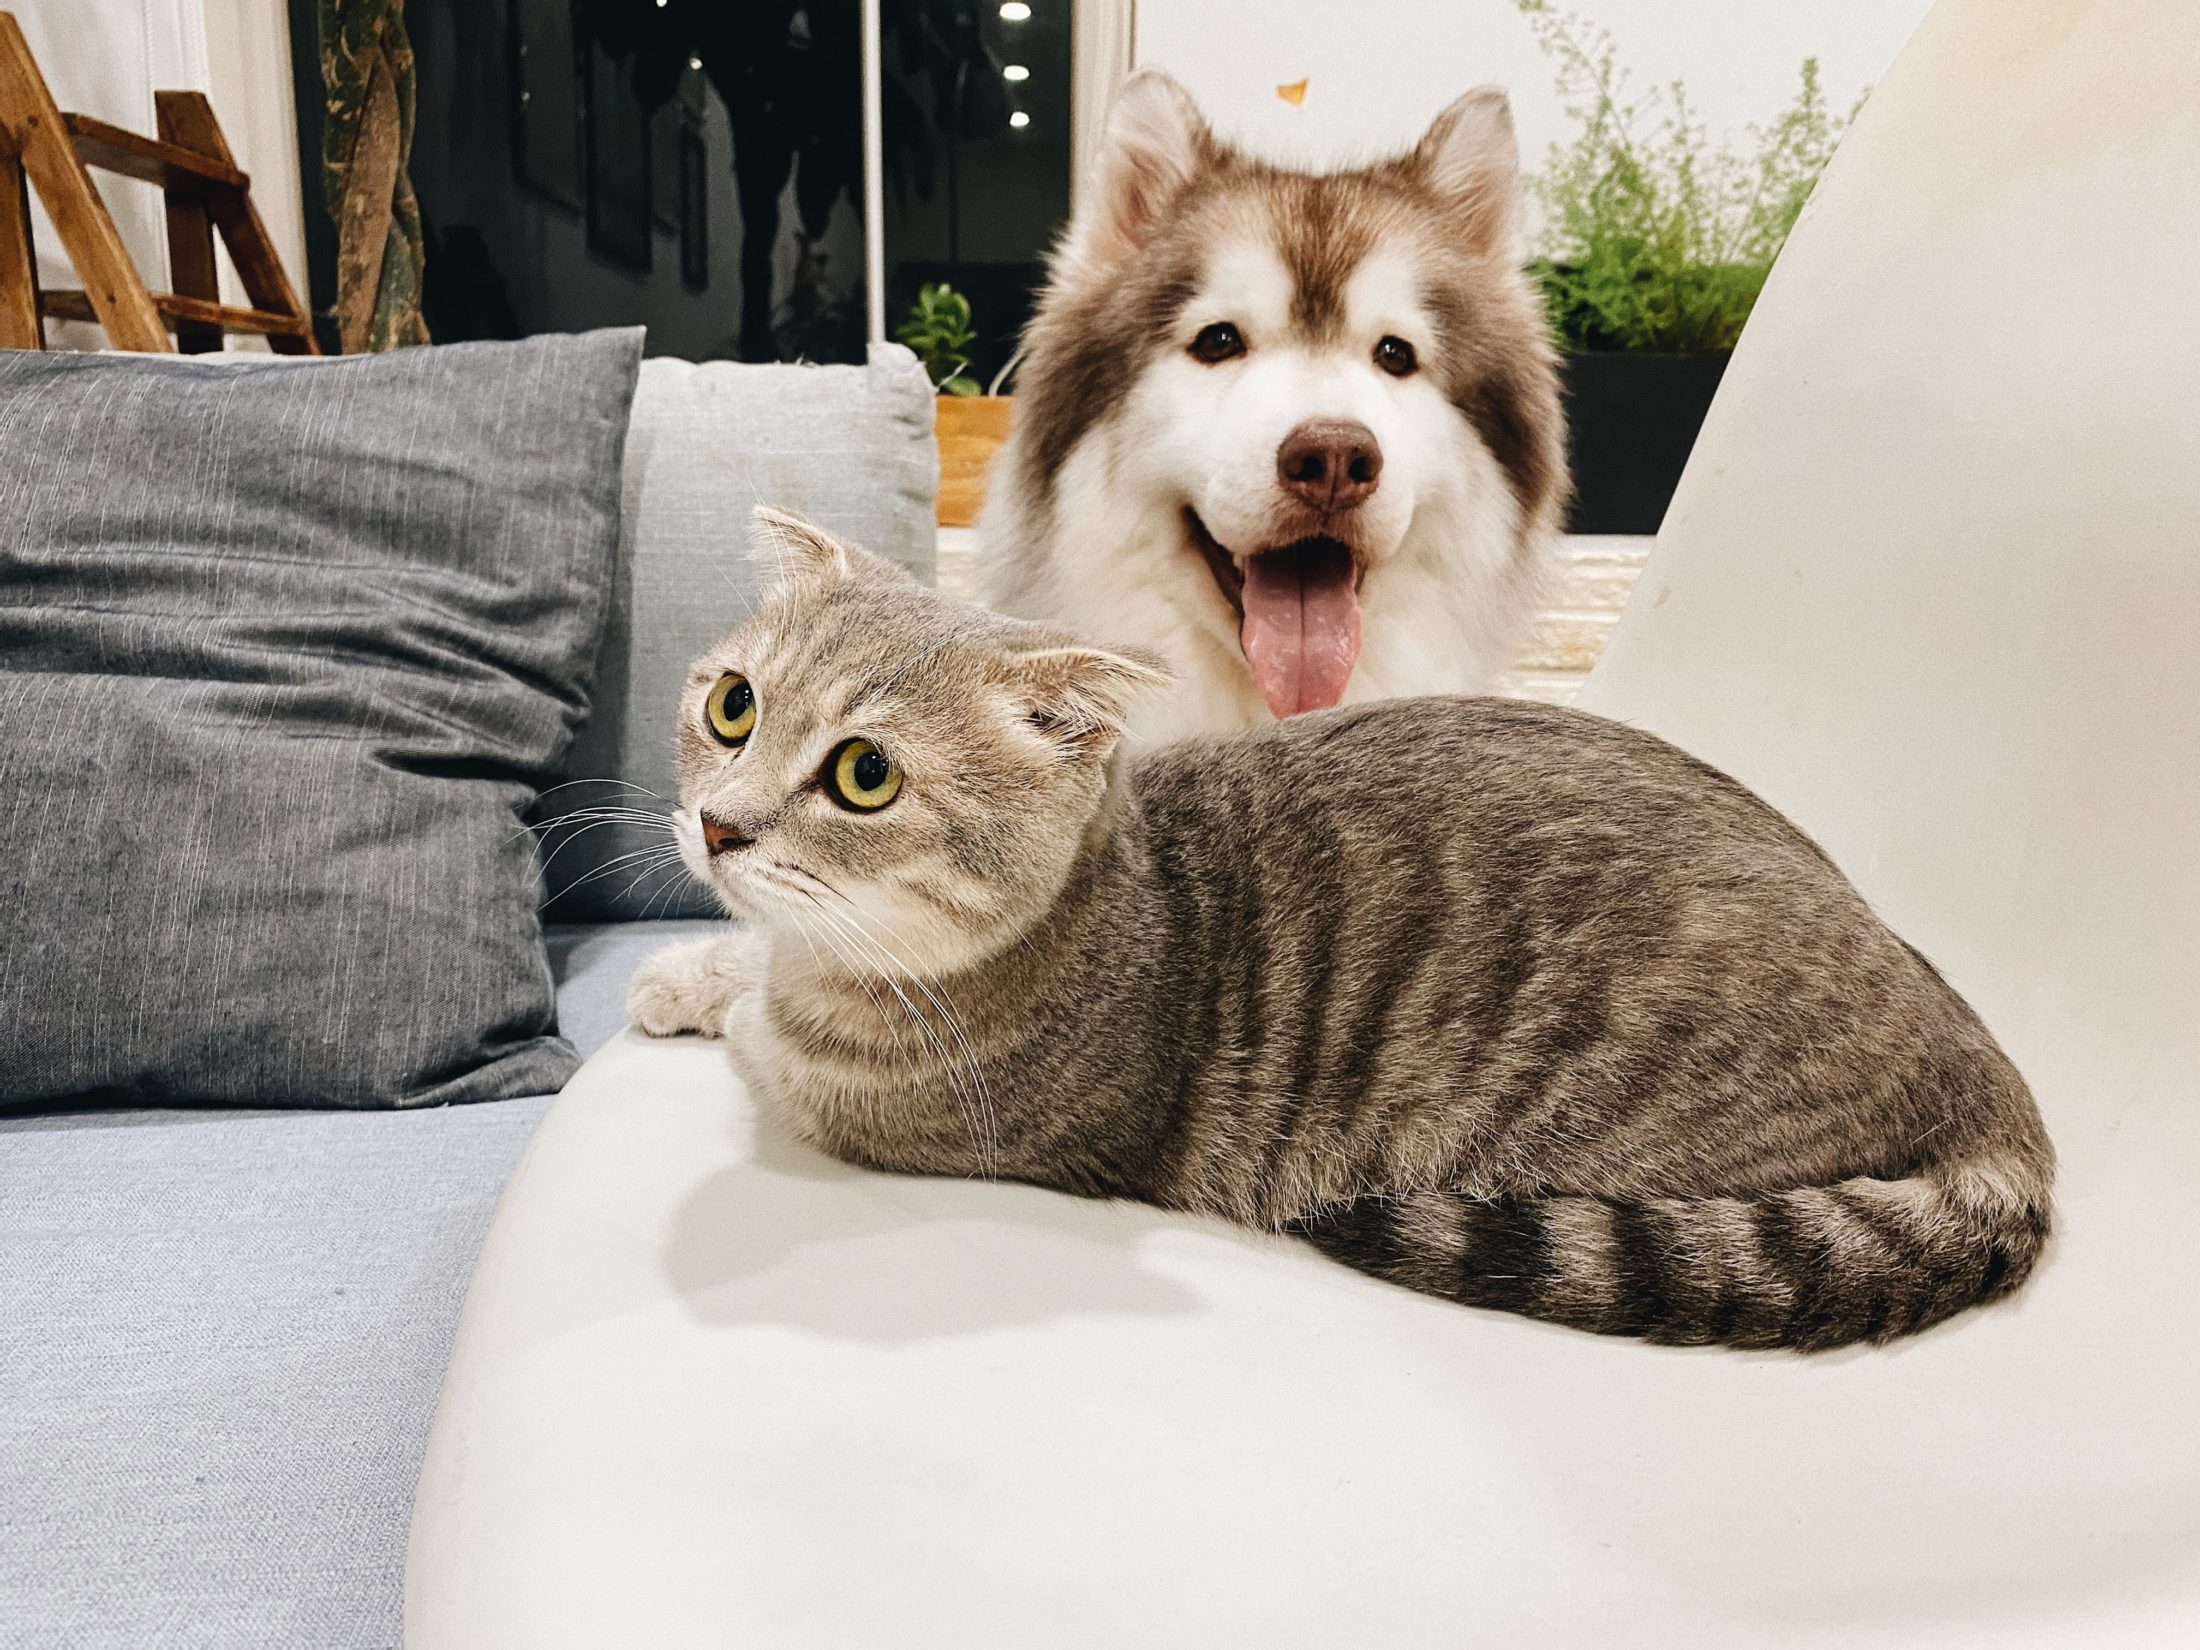 cachorro e gato juntos no sofá da sala